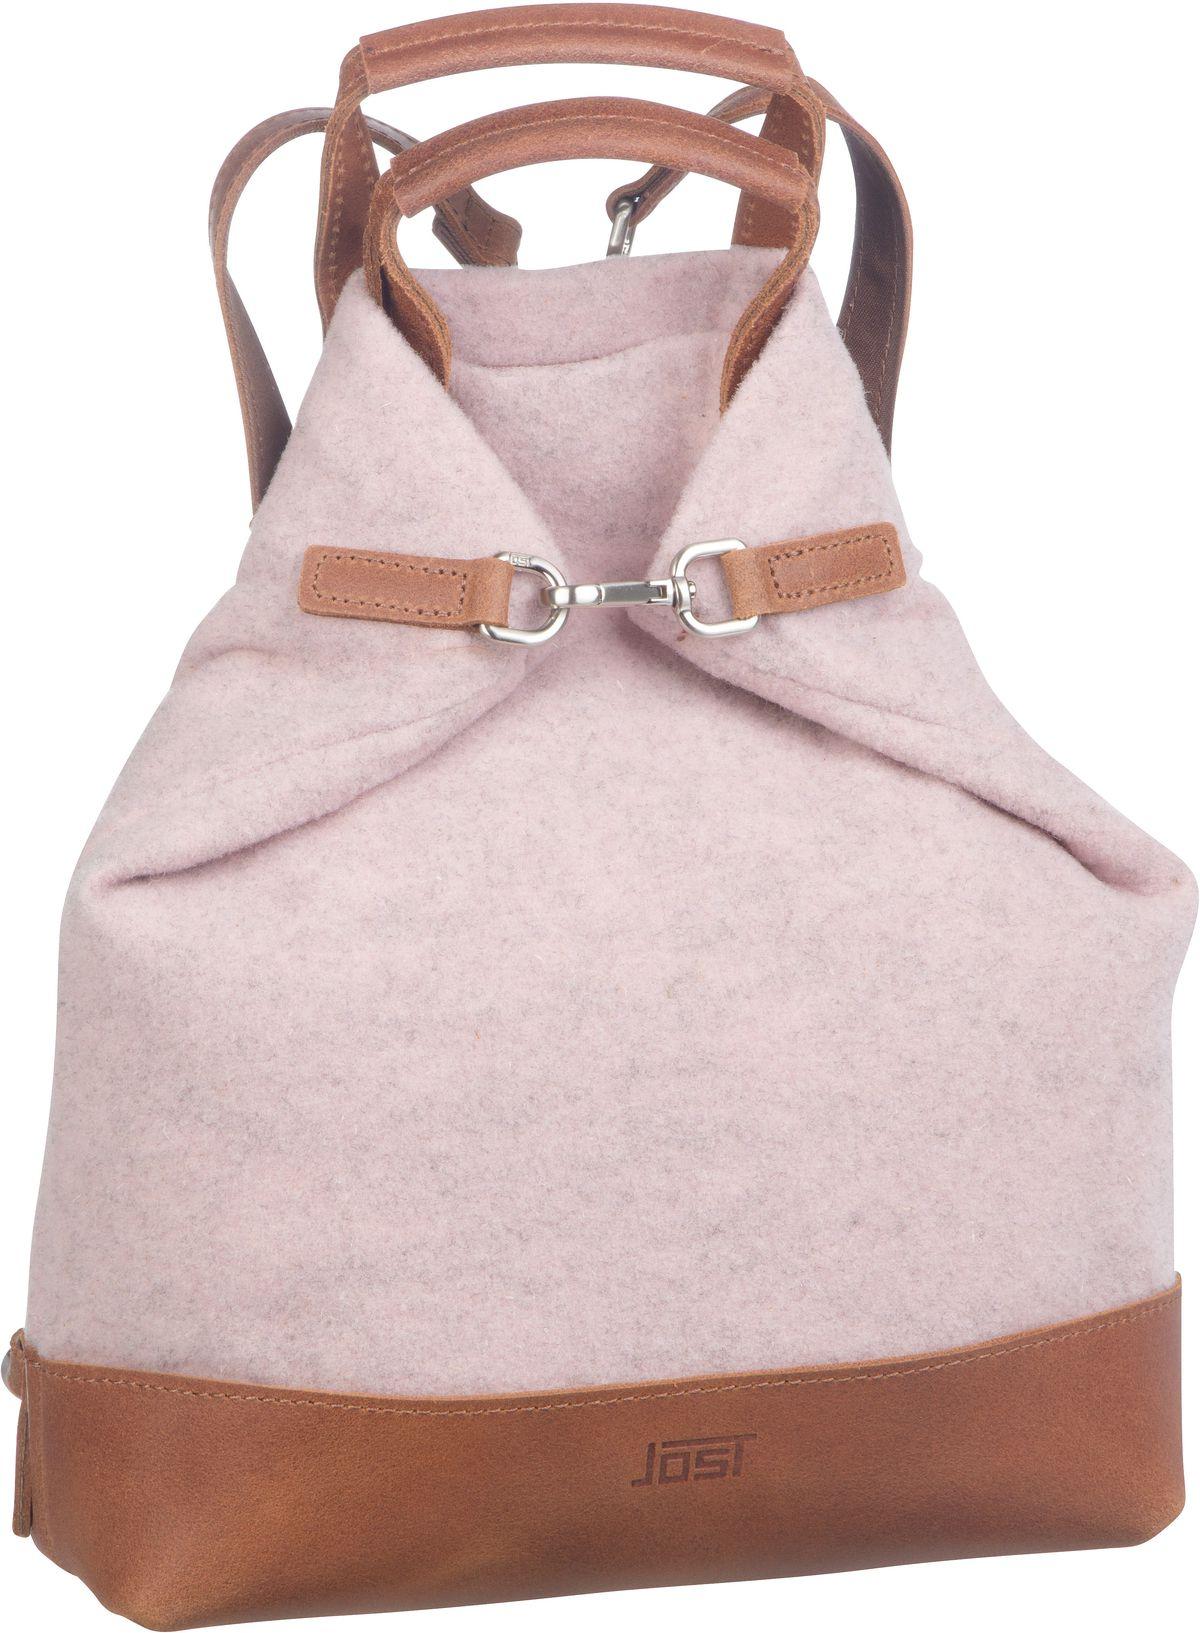 Rucksack / Daypack Farum 3025 X-Change Bag XS Rosewood